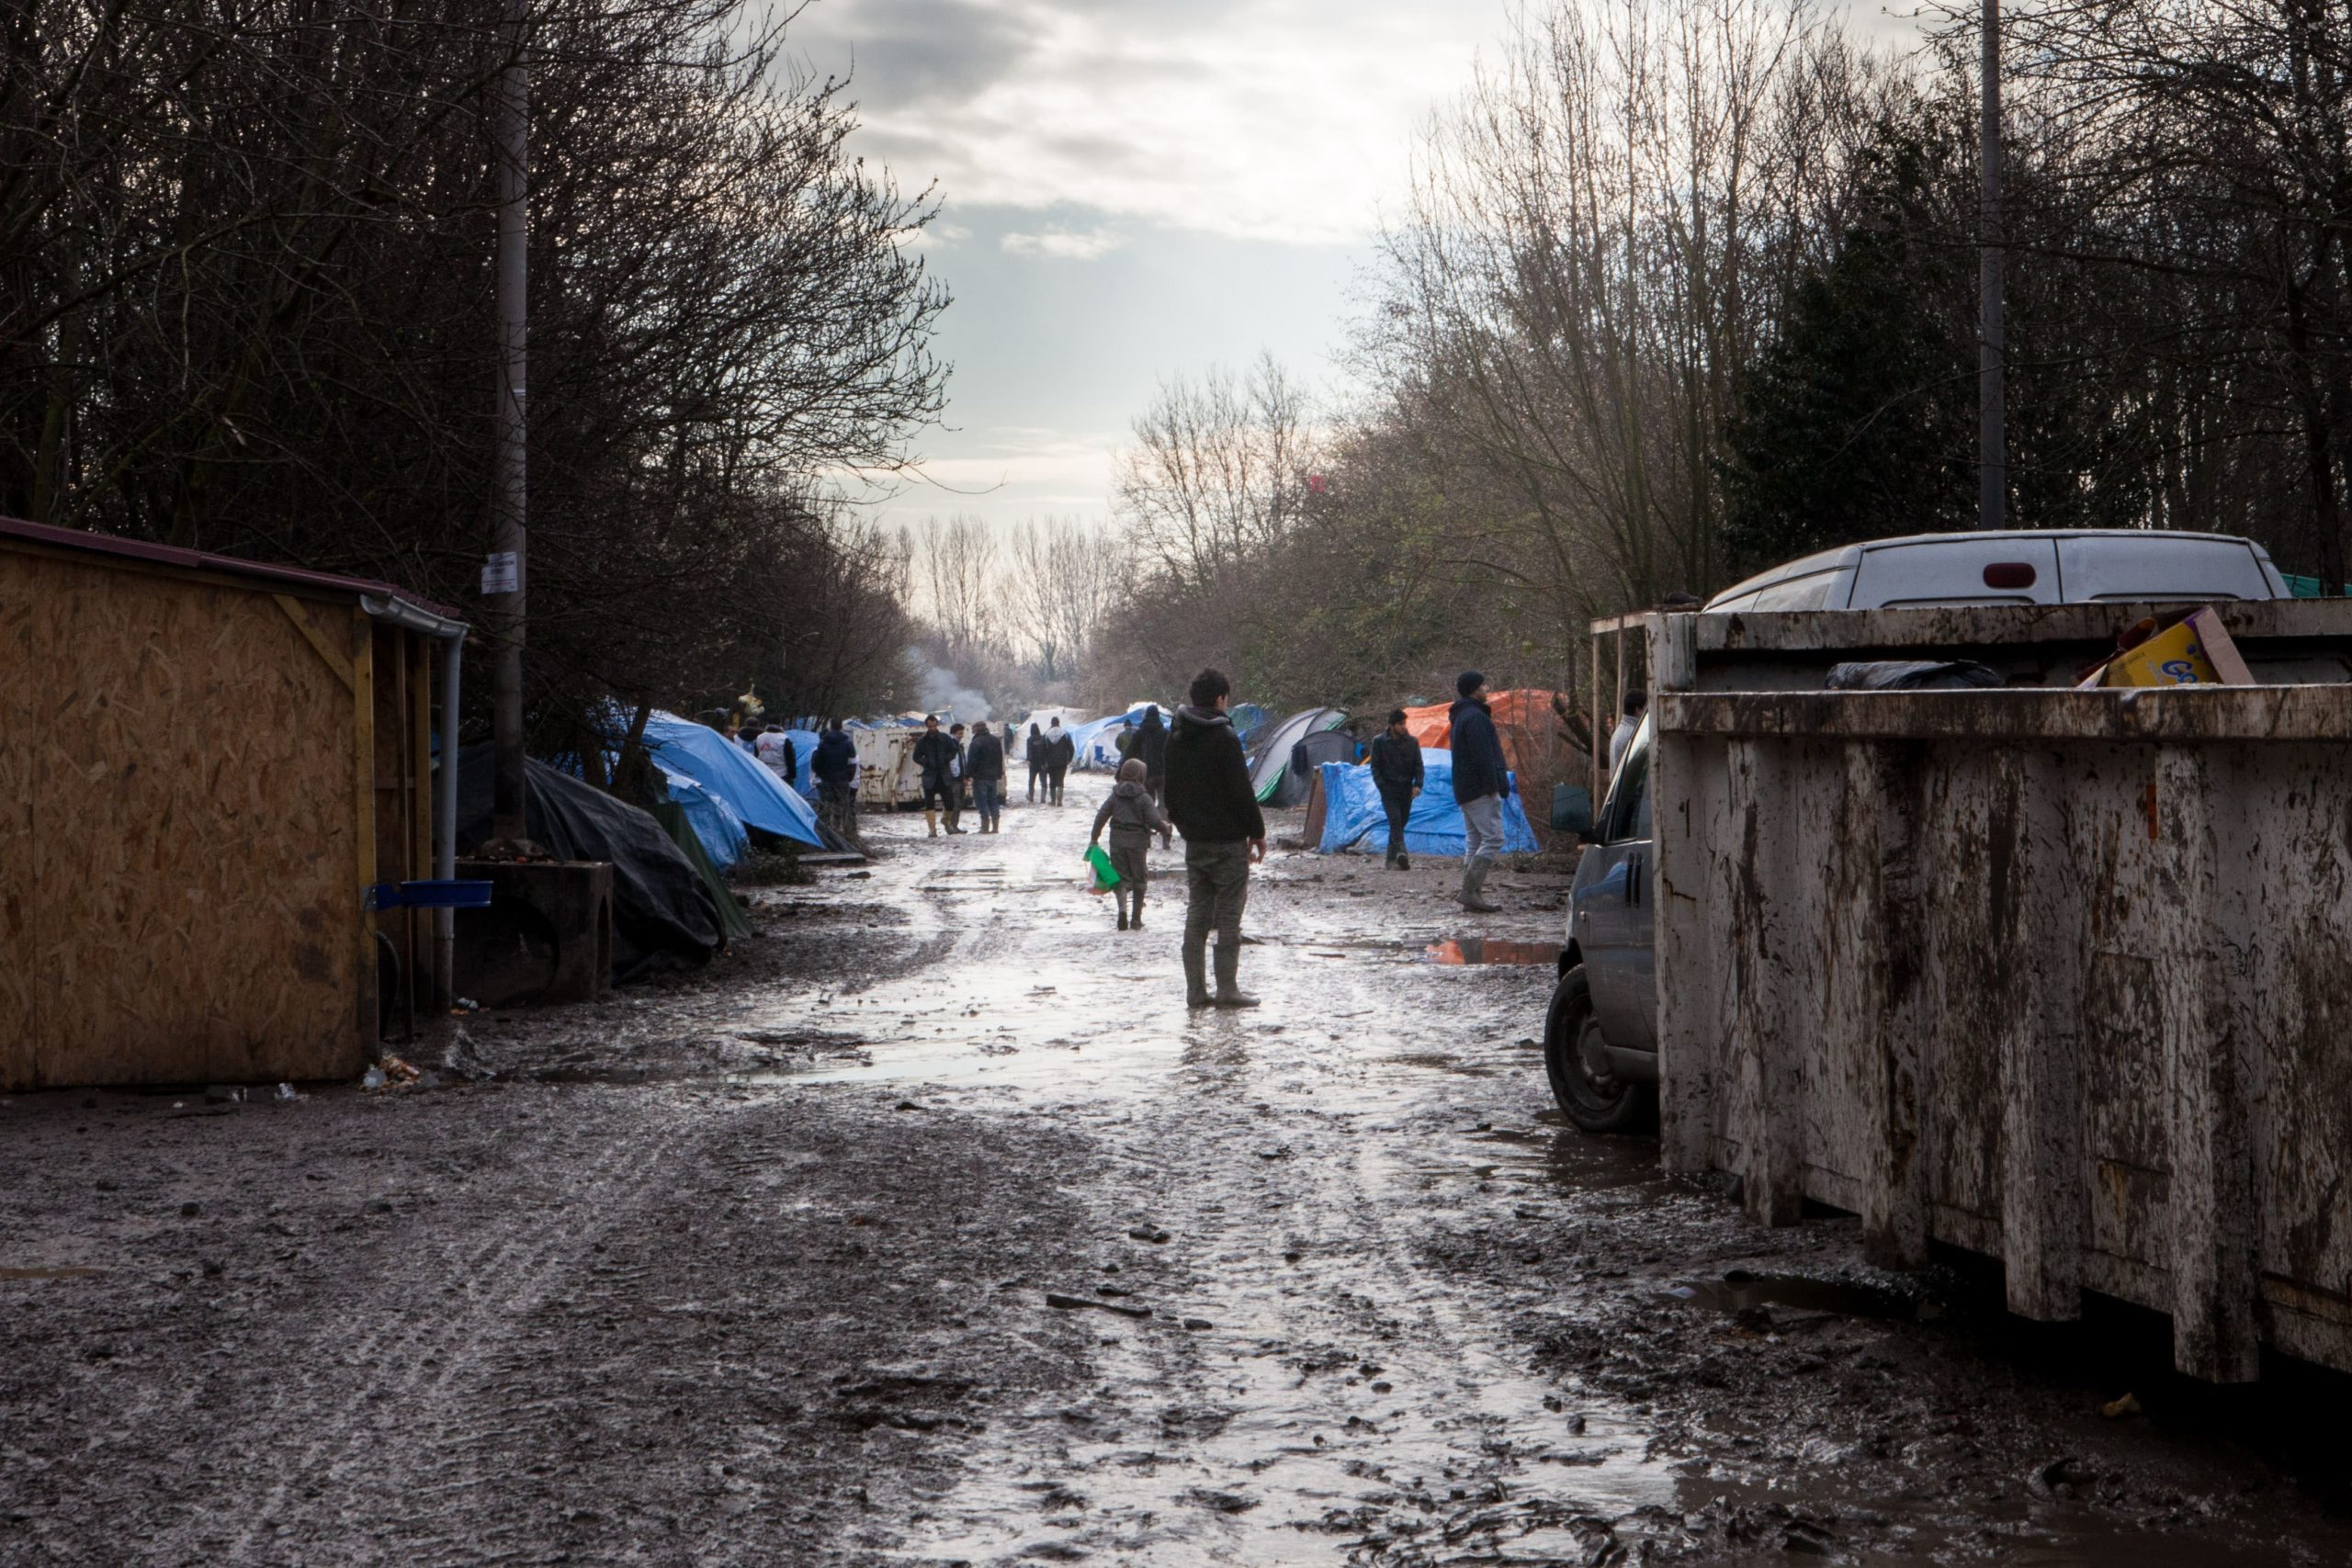 """""""Villes-frontières"""" : le défi de l'accueil aux frontières intérieures et extérieures de l'Europe - Vues d'Europe"""